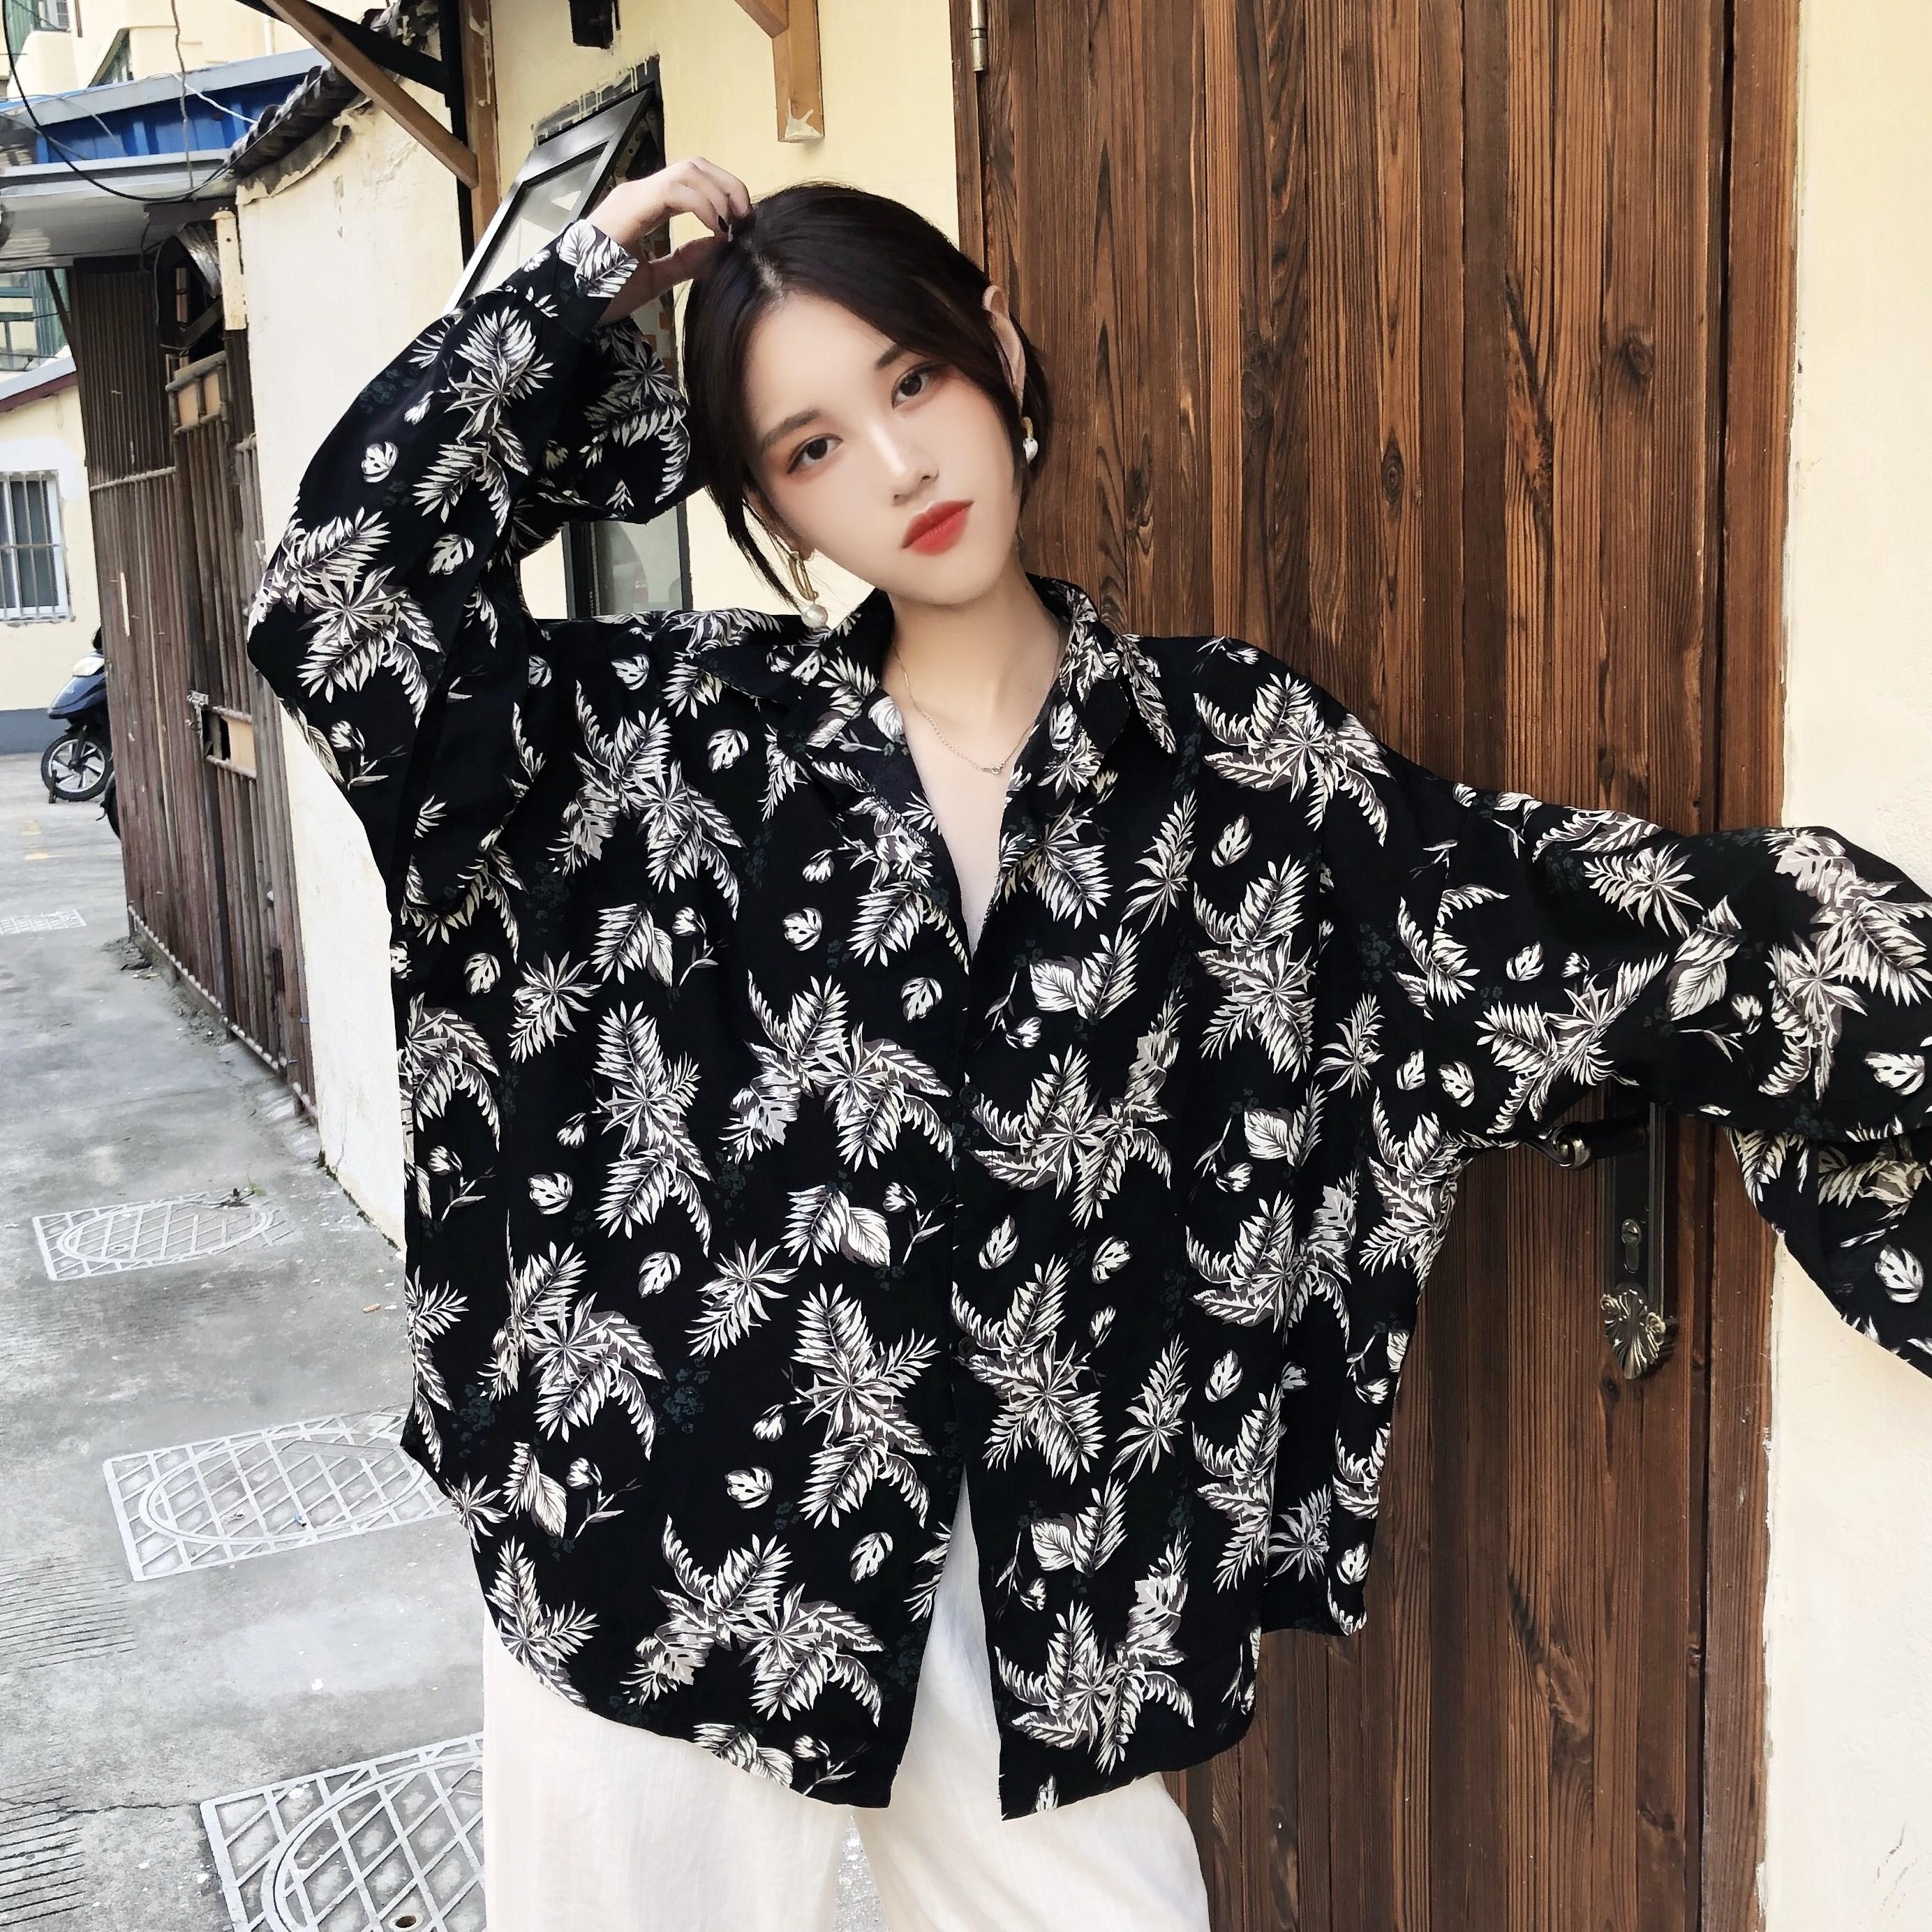 季韩版chic大码女装胖MM复古树叶印花衬衫外套长袖防晒衬衣开衫